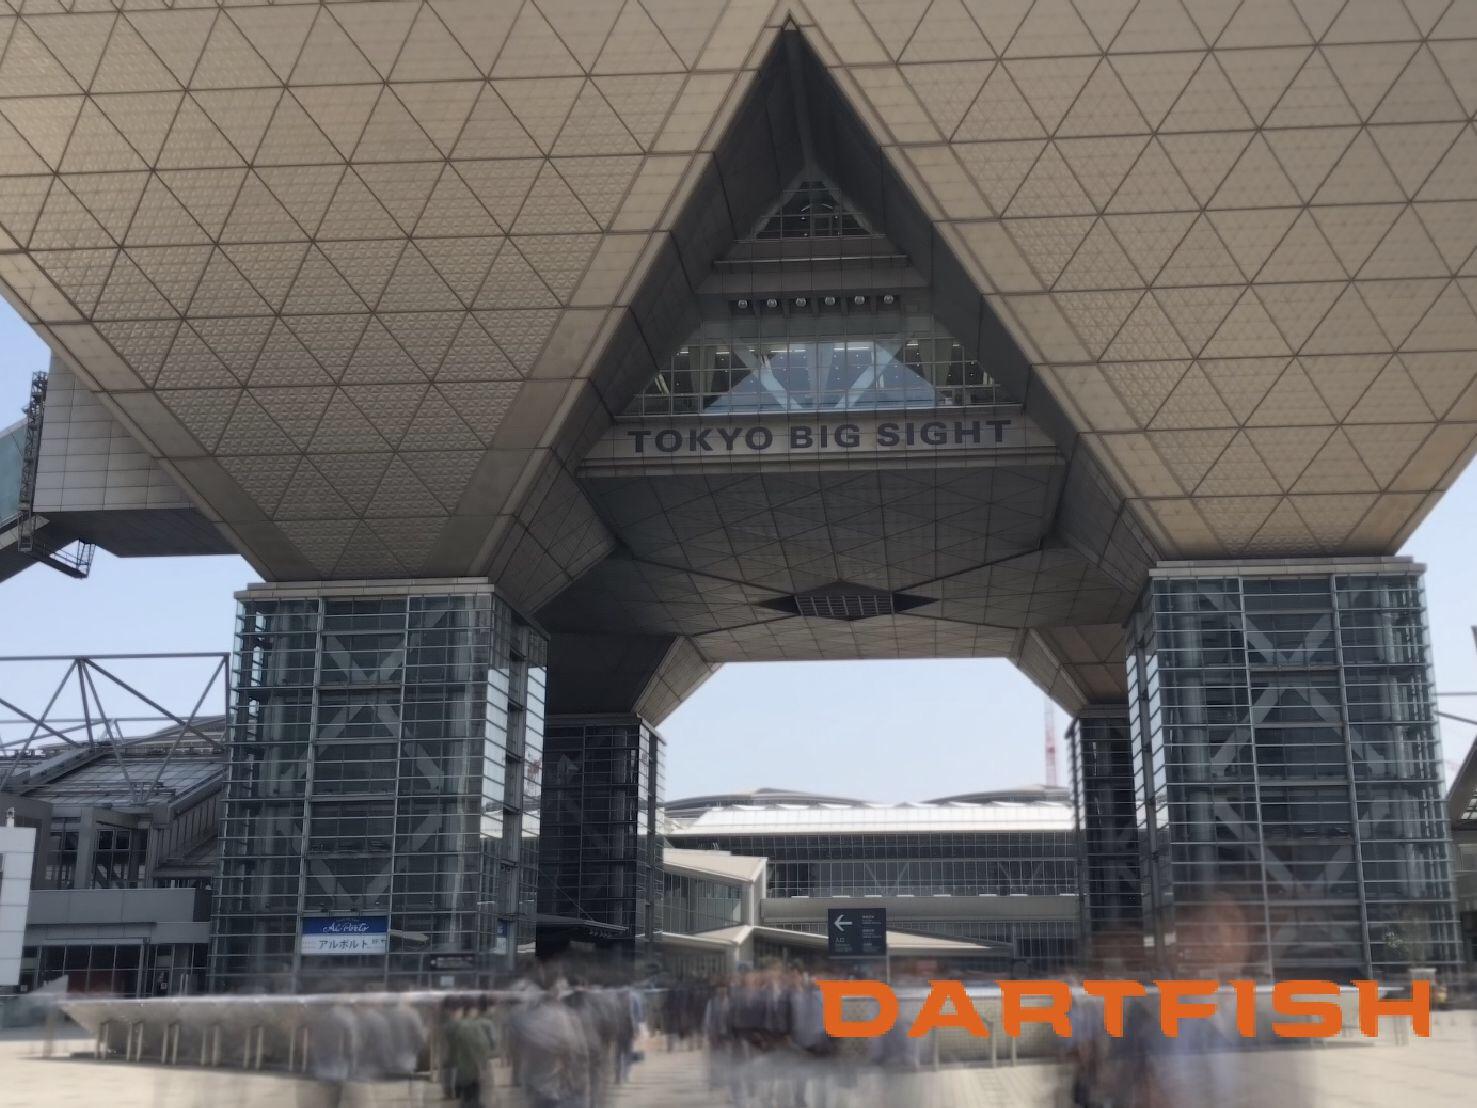 ダートフィッシュブース展示会場の東京ビッグサイトの外観